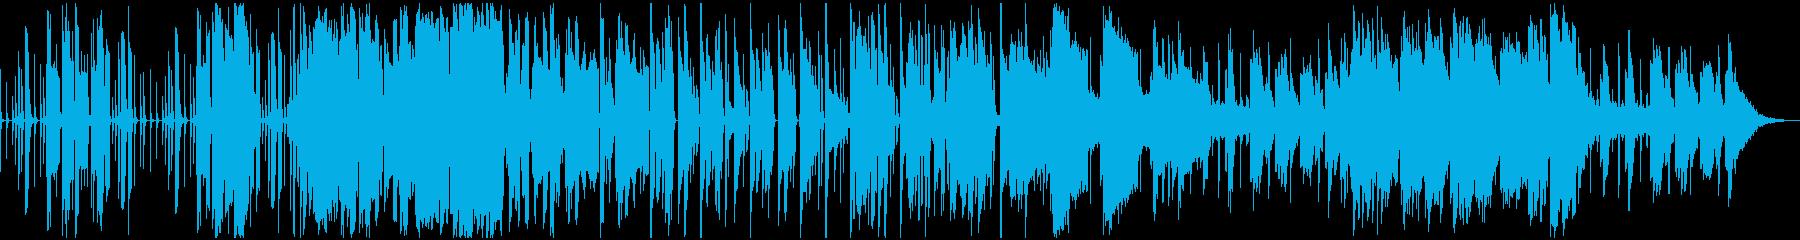 ラテン系ジャズ、海辺アクアリウム向きの再生済みの波形